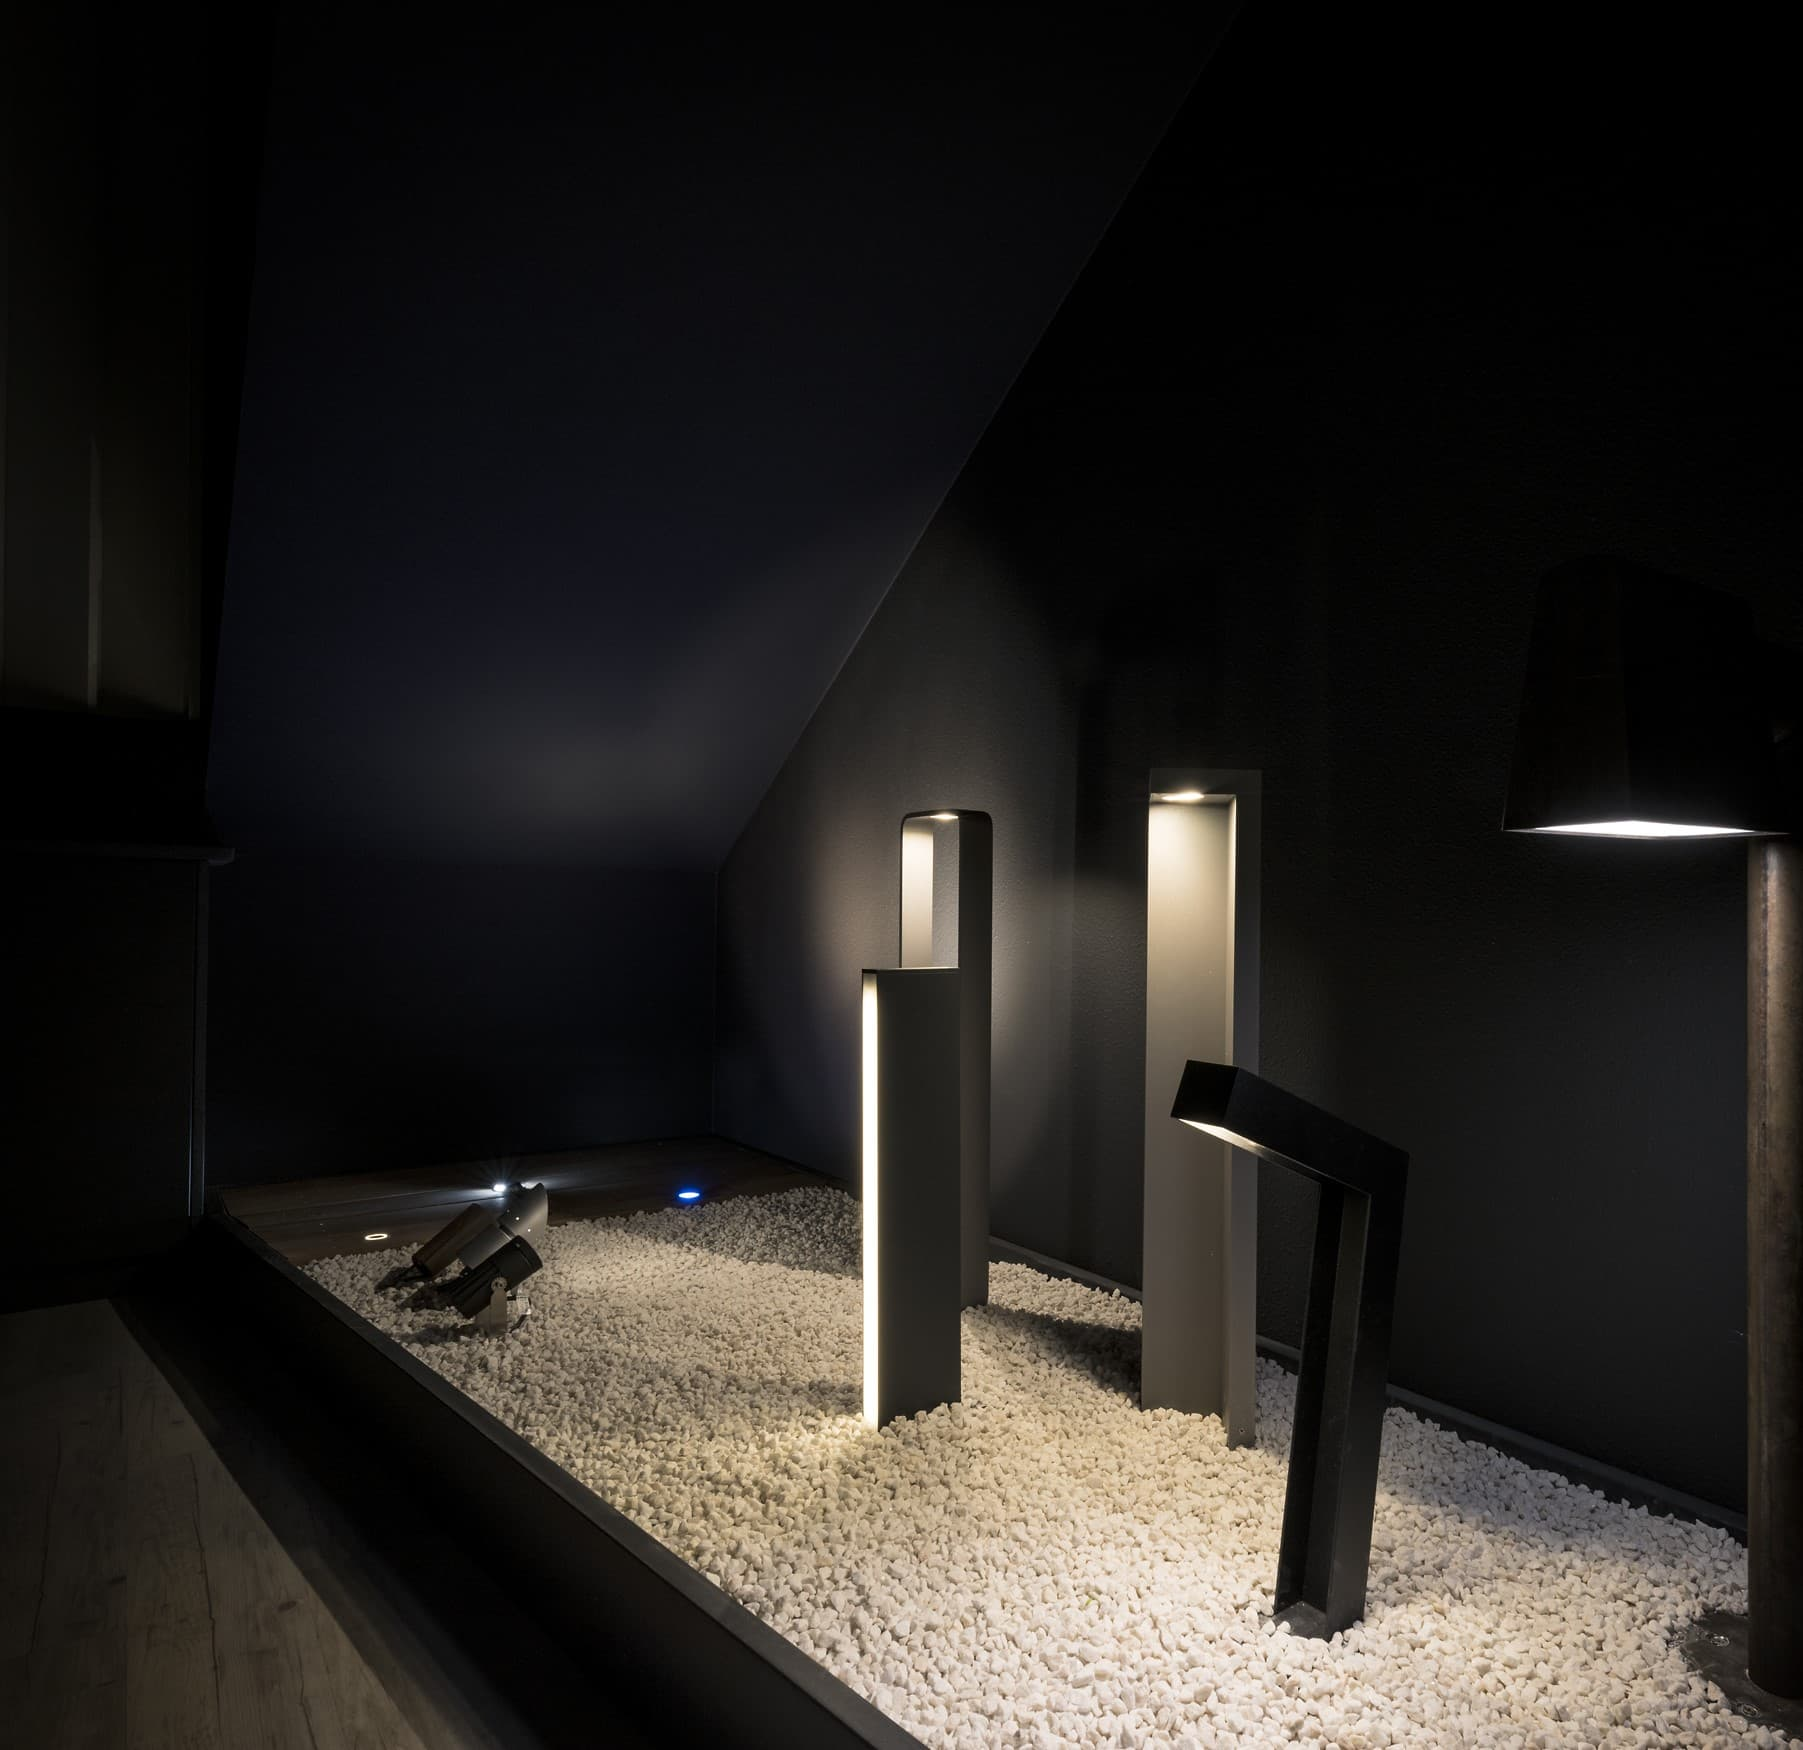 Dark room avec luminaire extérieur de la bergerie de LM5P - Le Mouton à 5 Pattes